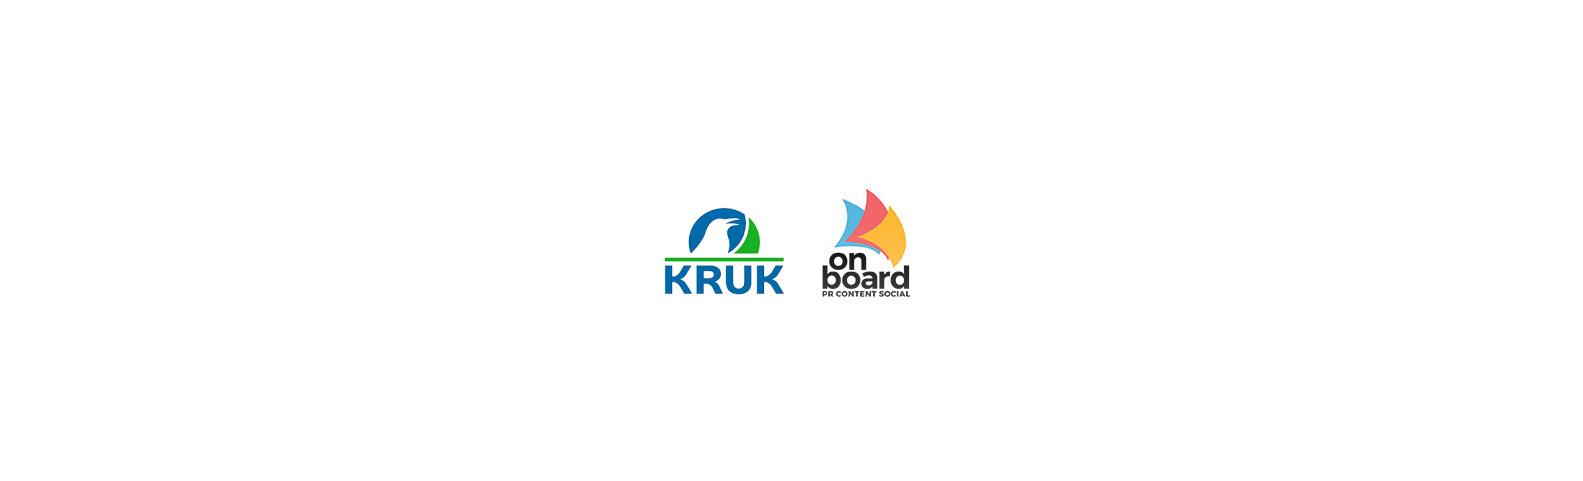 Grupa KRUK przedłuża współpracę zGrupą On Board Think Kong